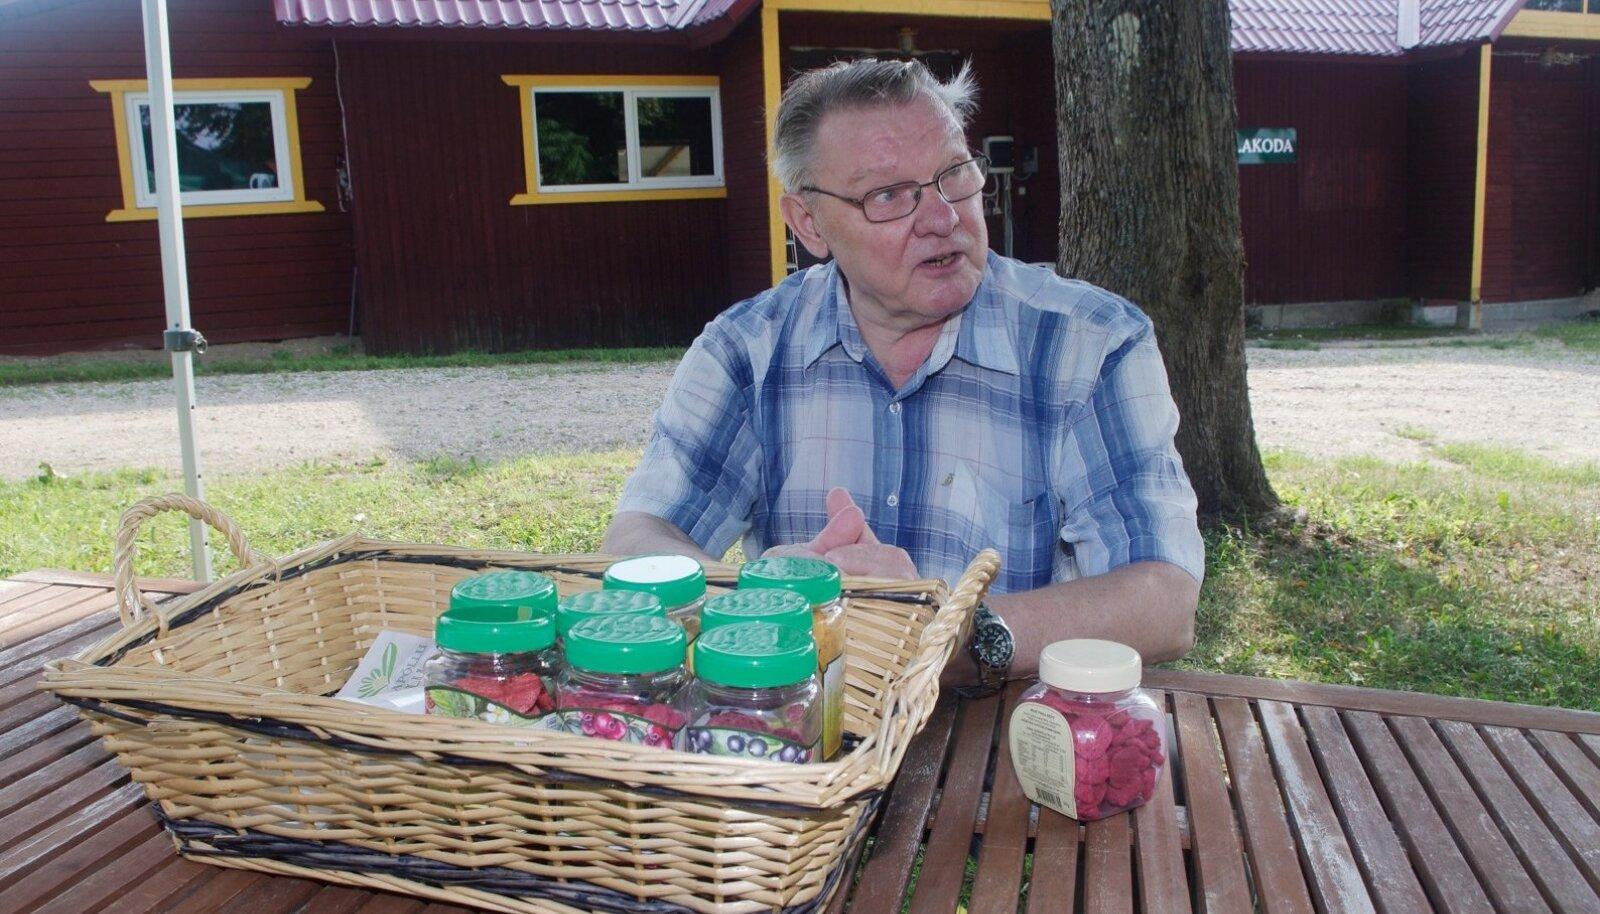 Võrumaal mahedaid marjakrõpse tootev Edgar Kolts kirjeldas oma vintsutusi väikeettevõtjana, veterinaaramet sellega aga ei nõustu.